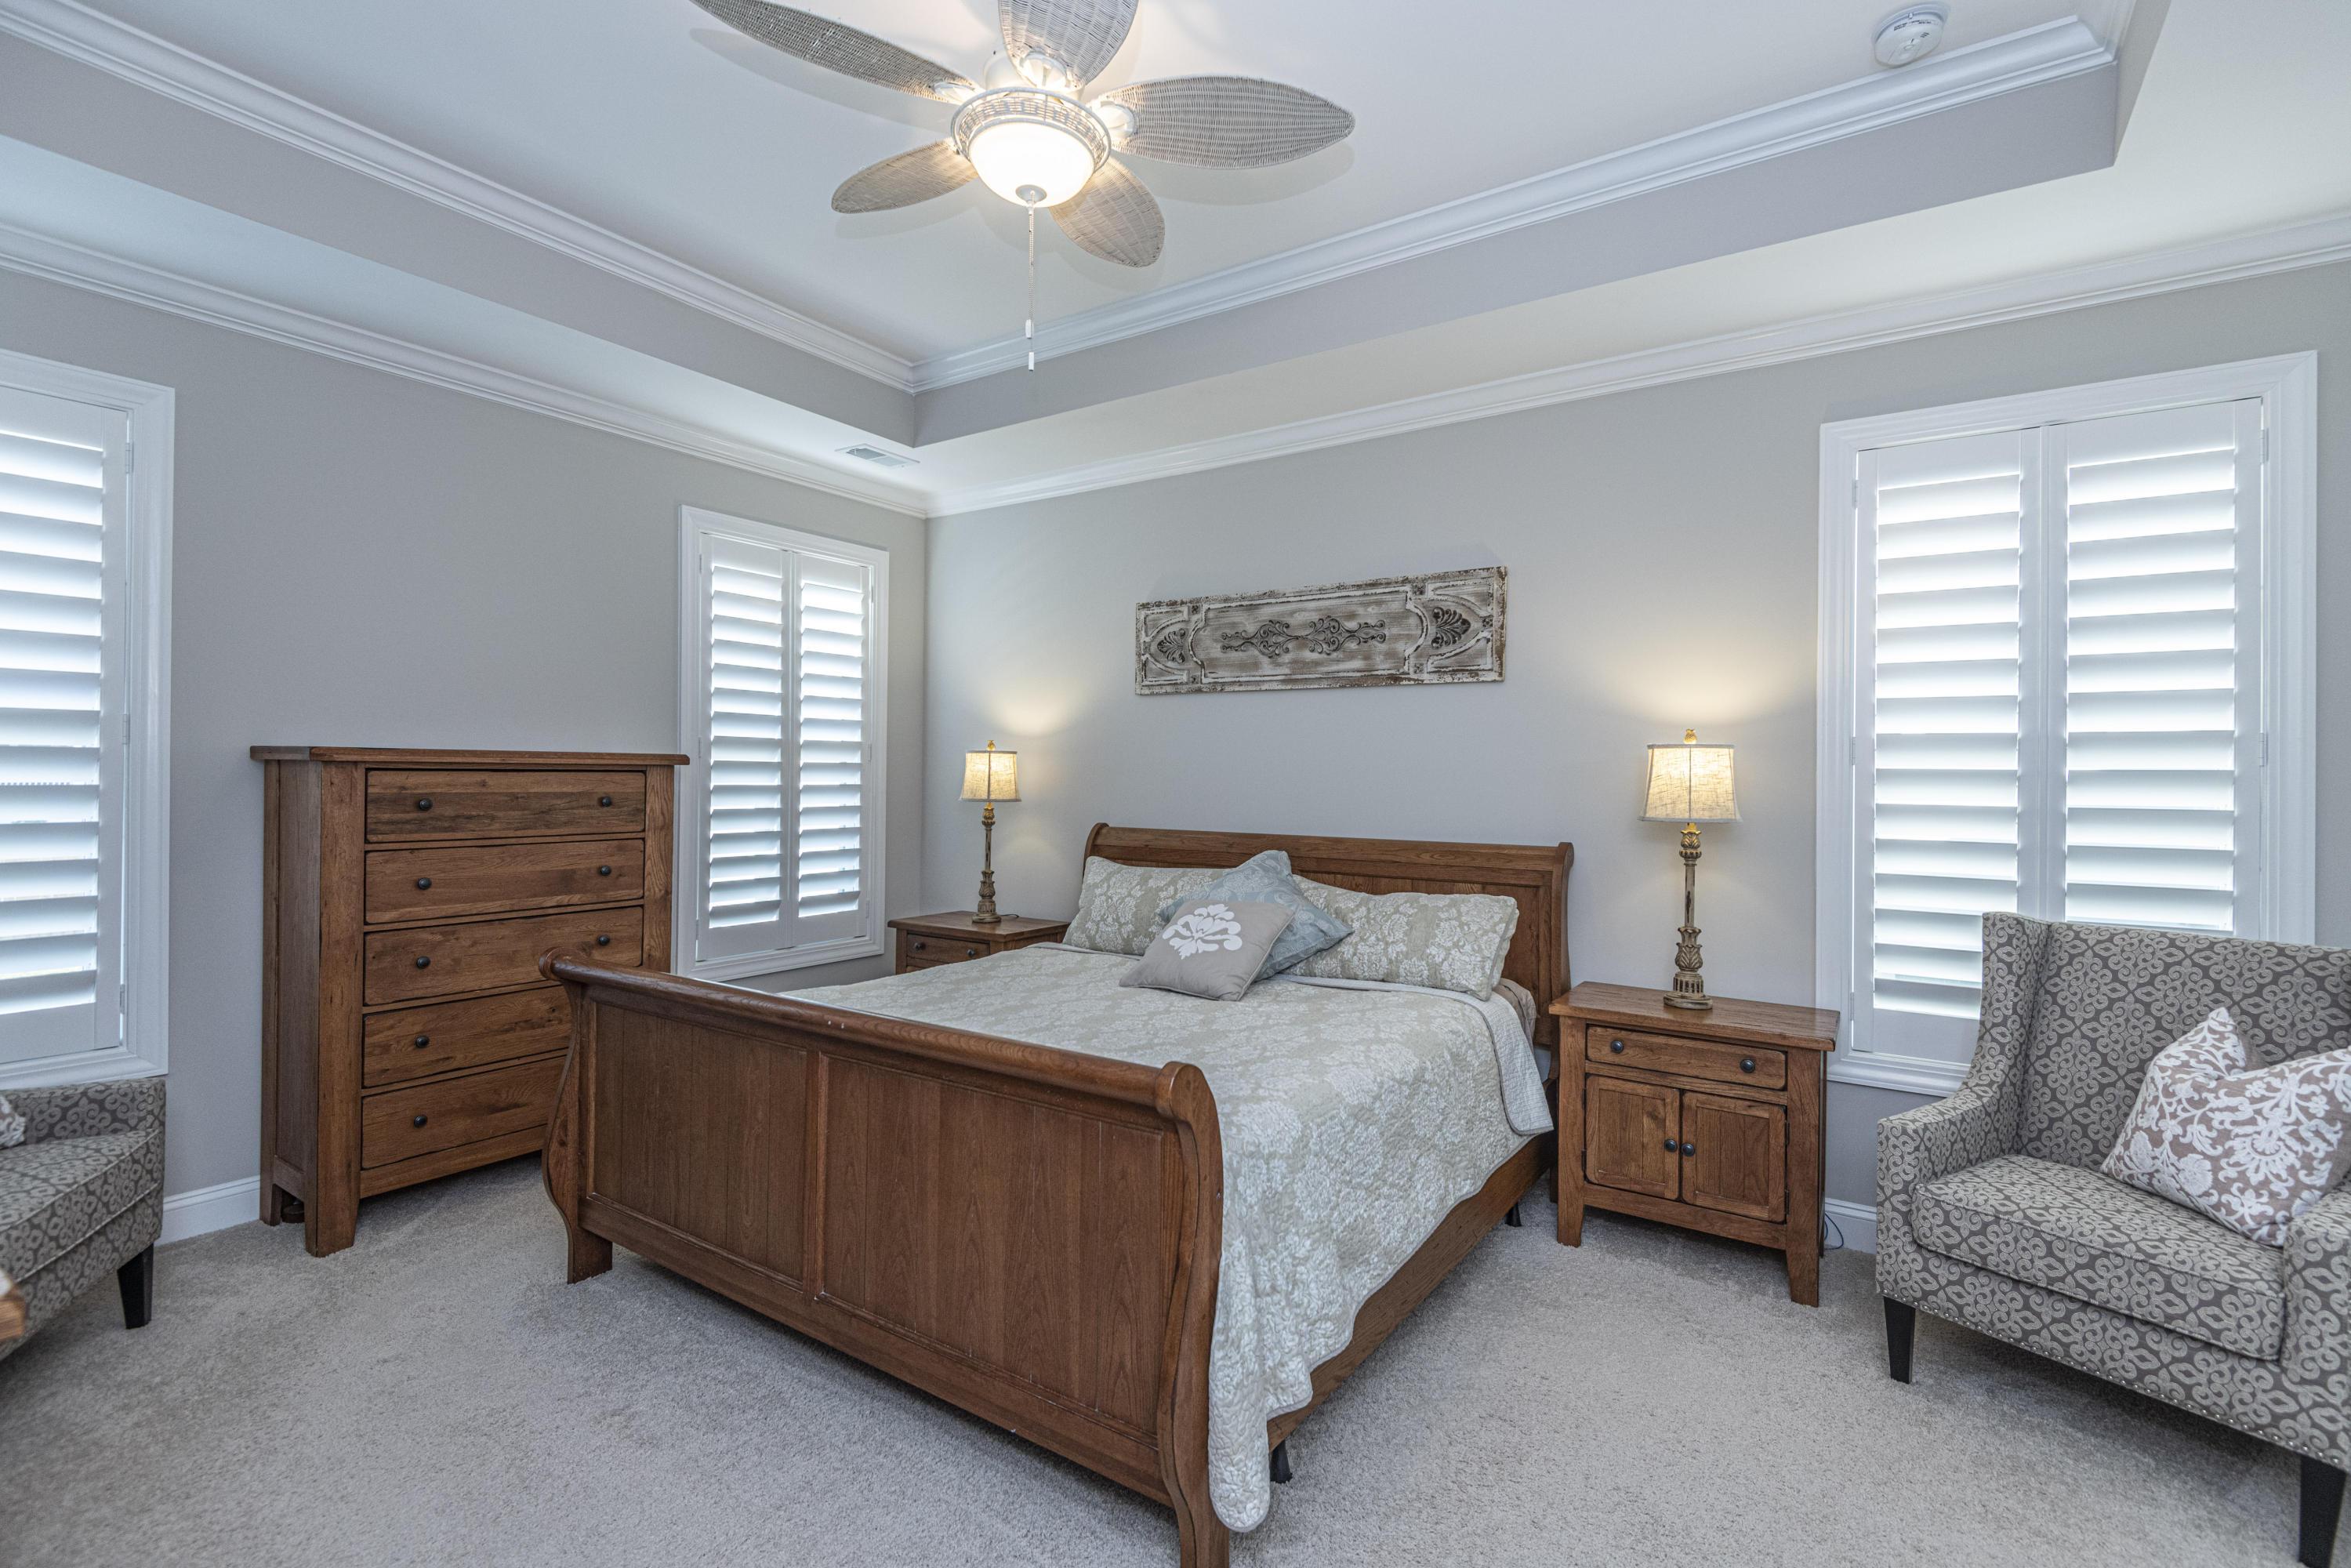 Park West Homes For Sale - 2667 Park West, Mount Pleasant, SC - 4